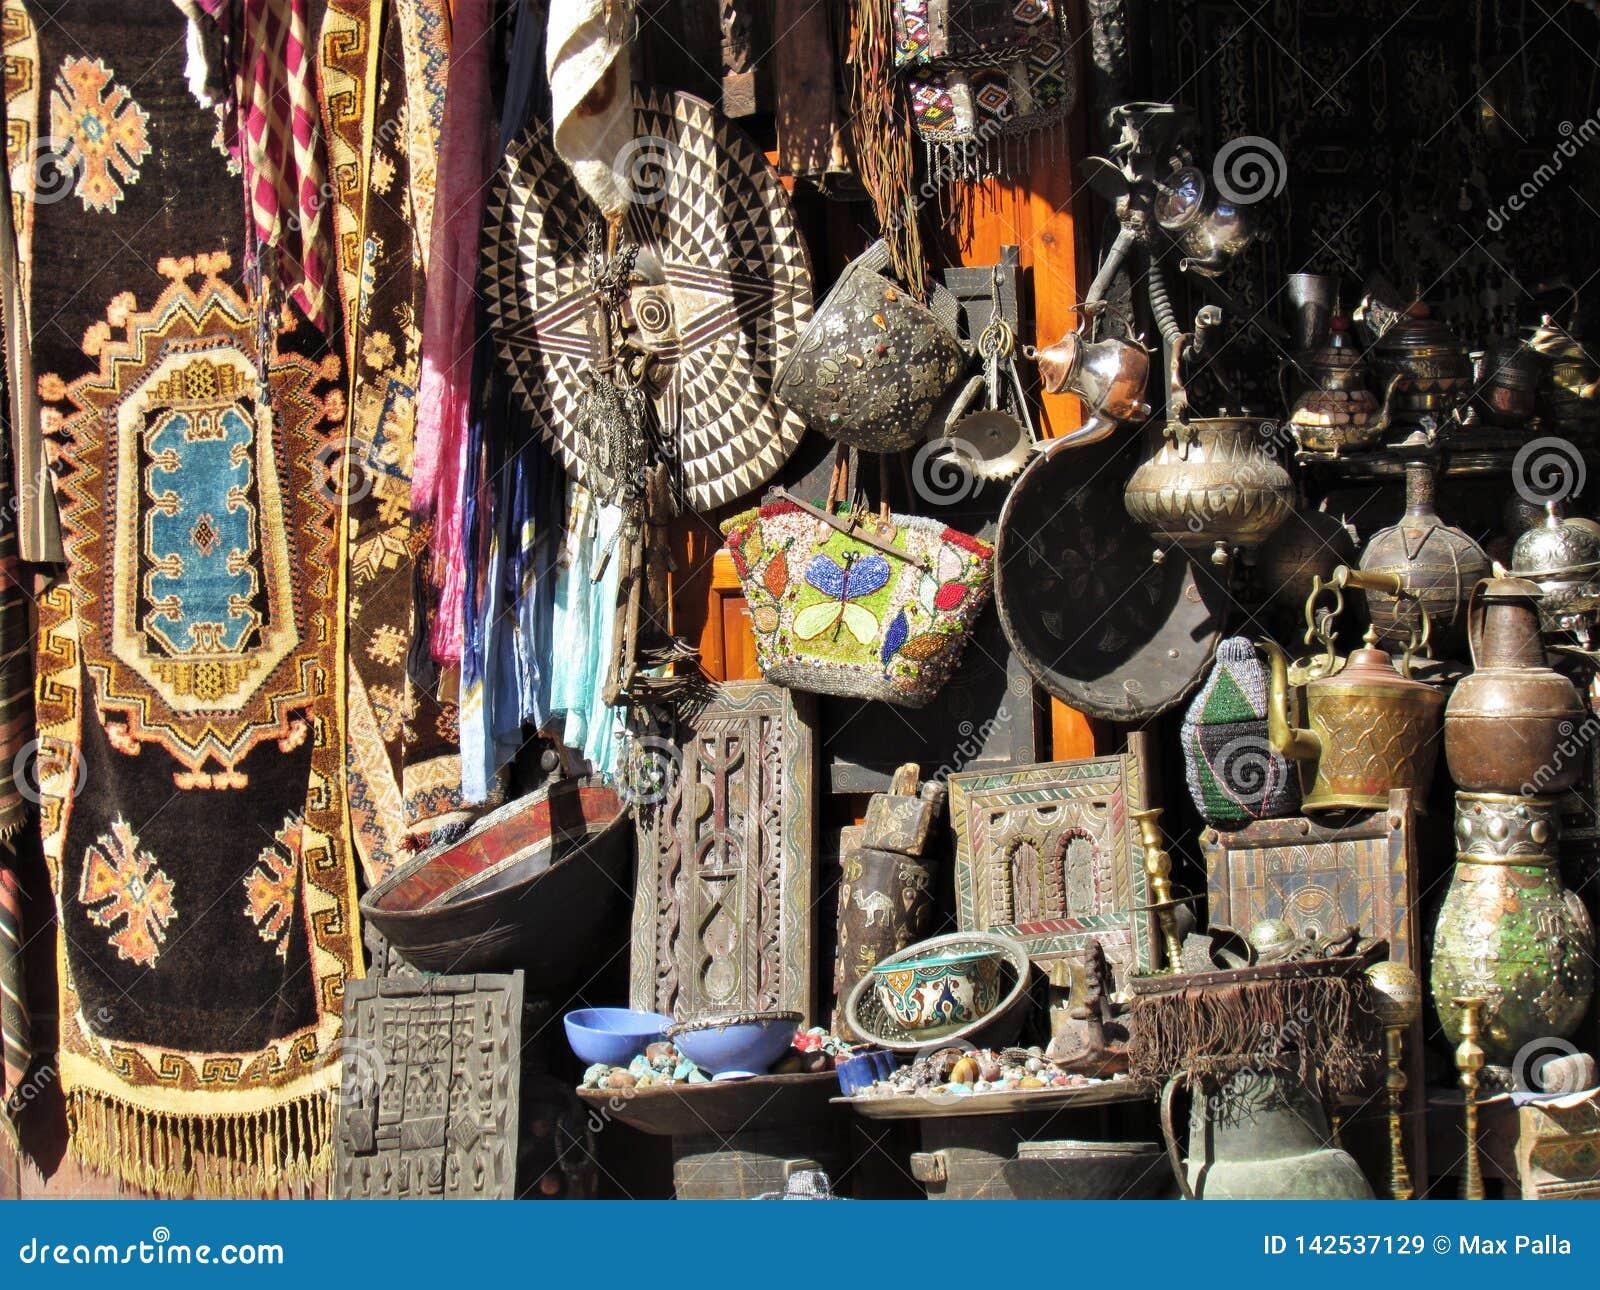 Winkel in den Stra?en des ld Medina in Marrakesch in Marokko